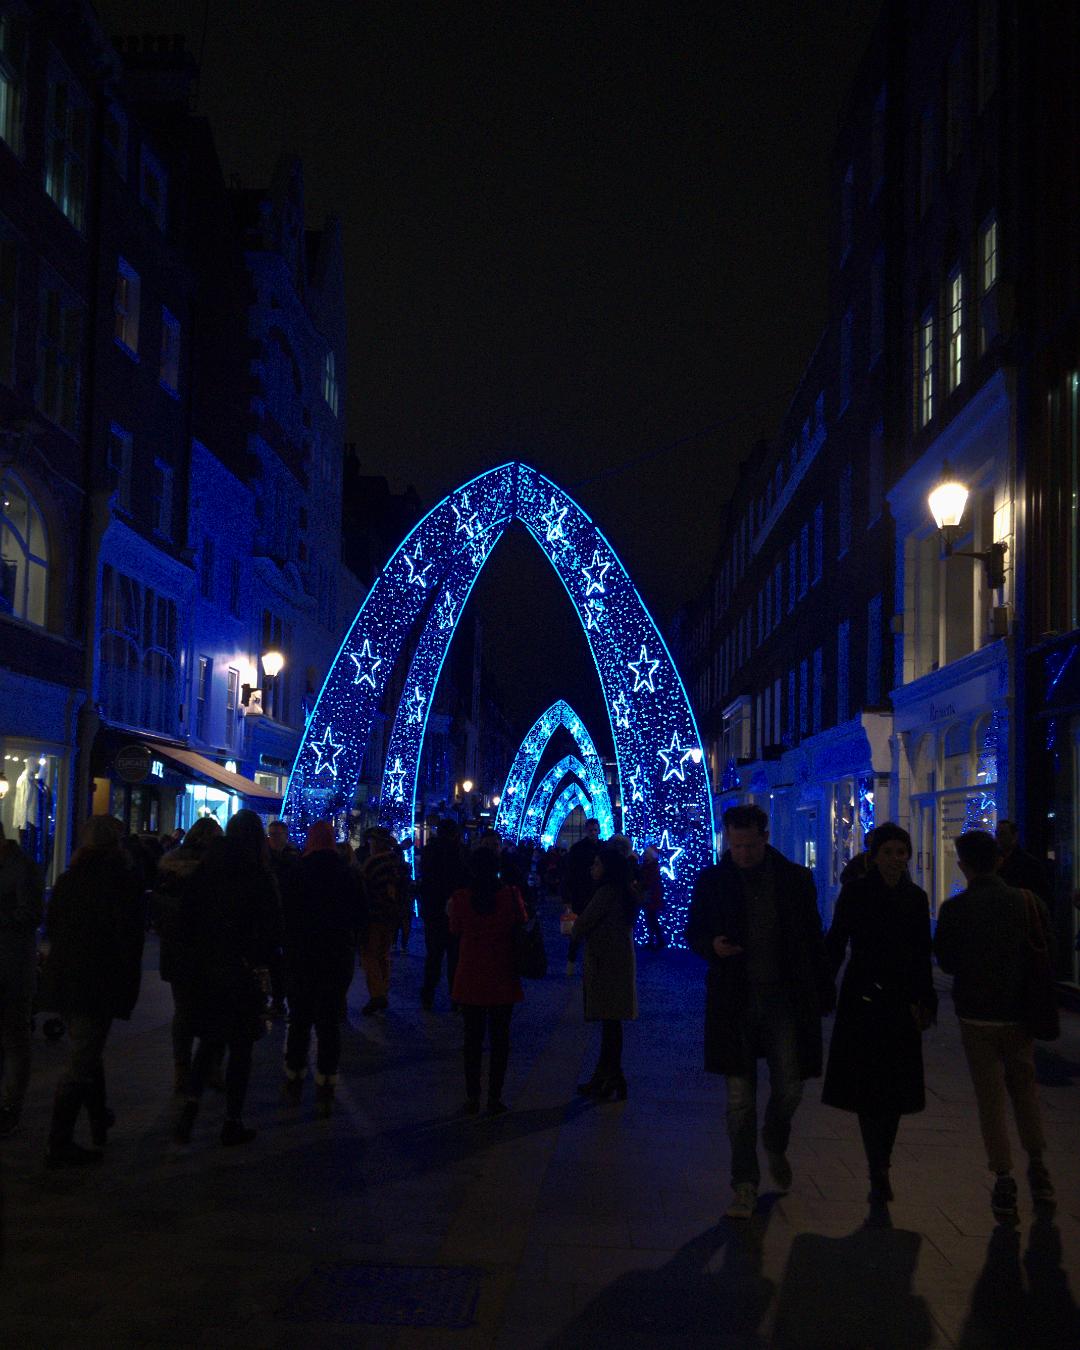 ロンドンのサウス・モルトン・ストリートの夜景写真。2017年12月23日撮影。